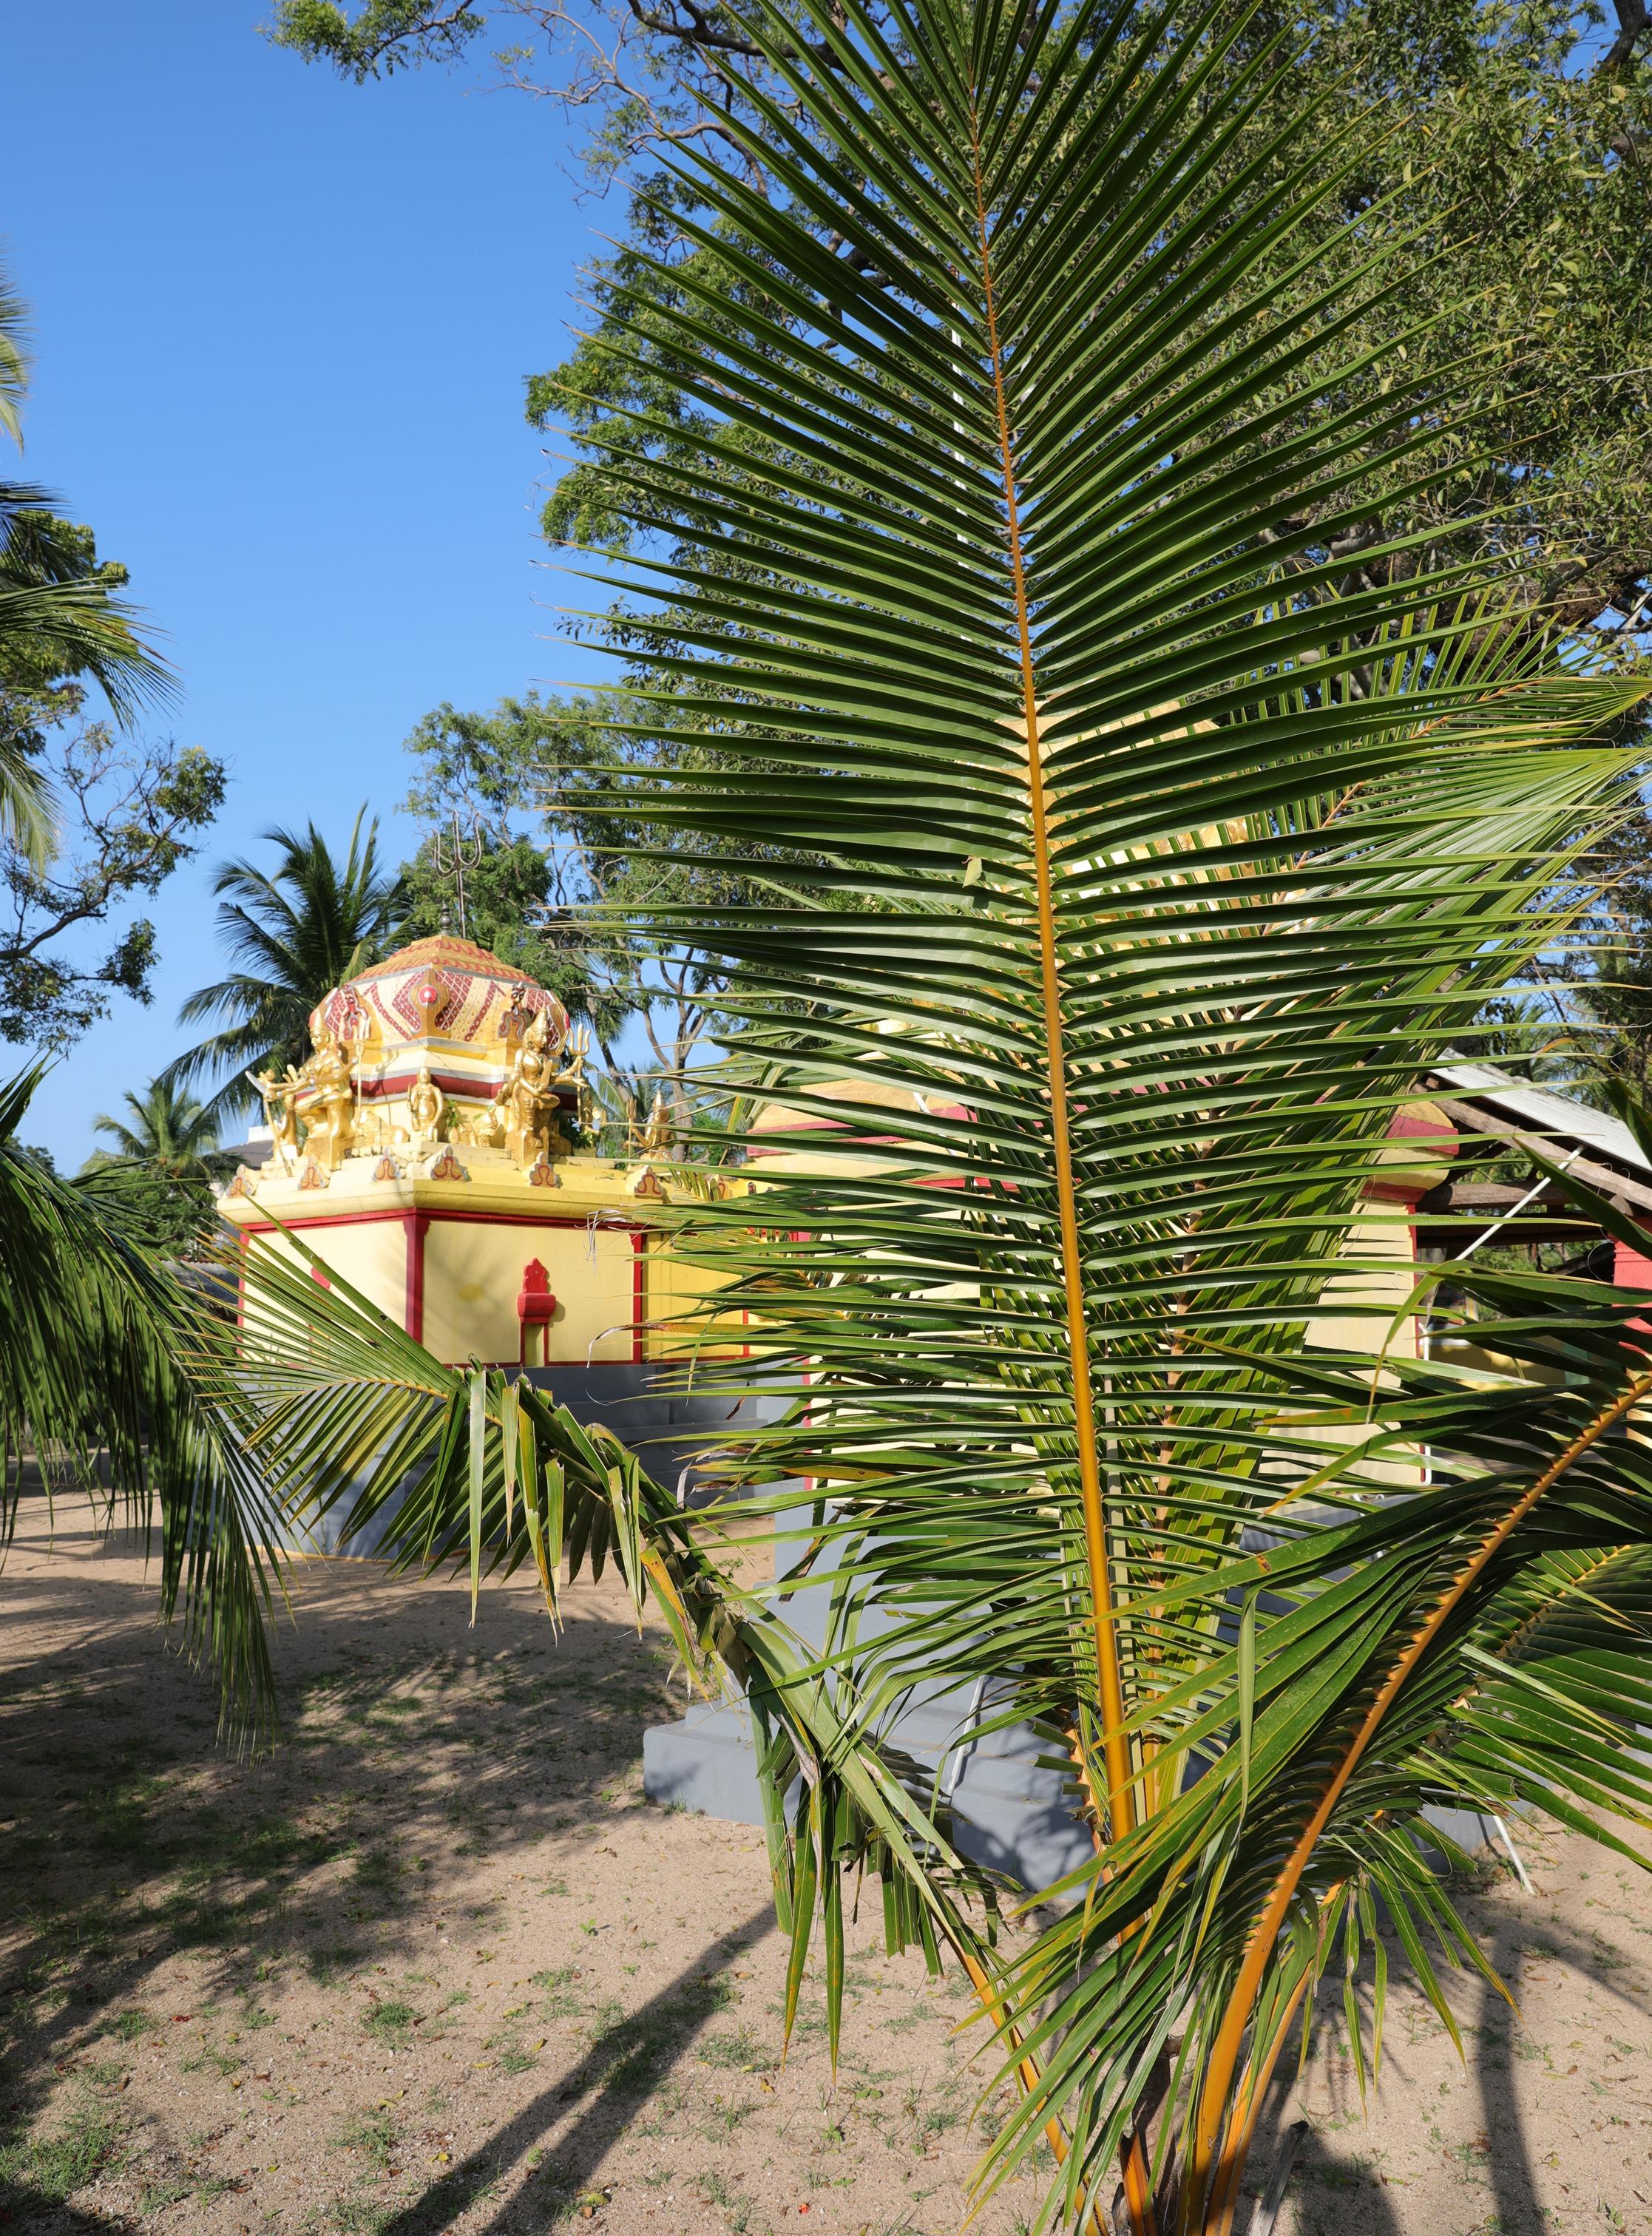 Hindu temple, Kalkudah